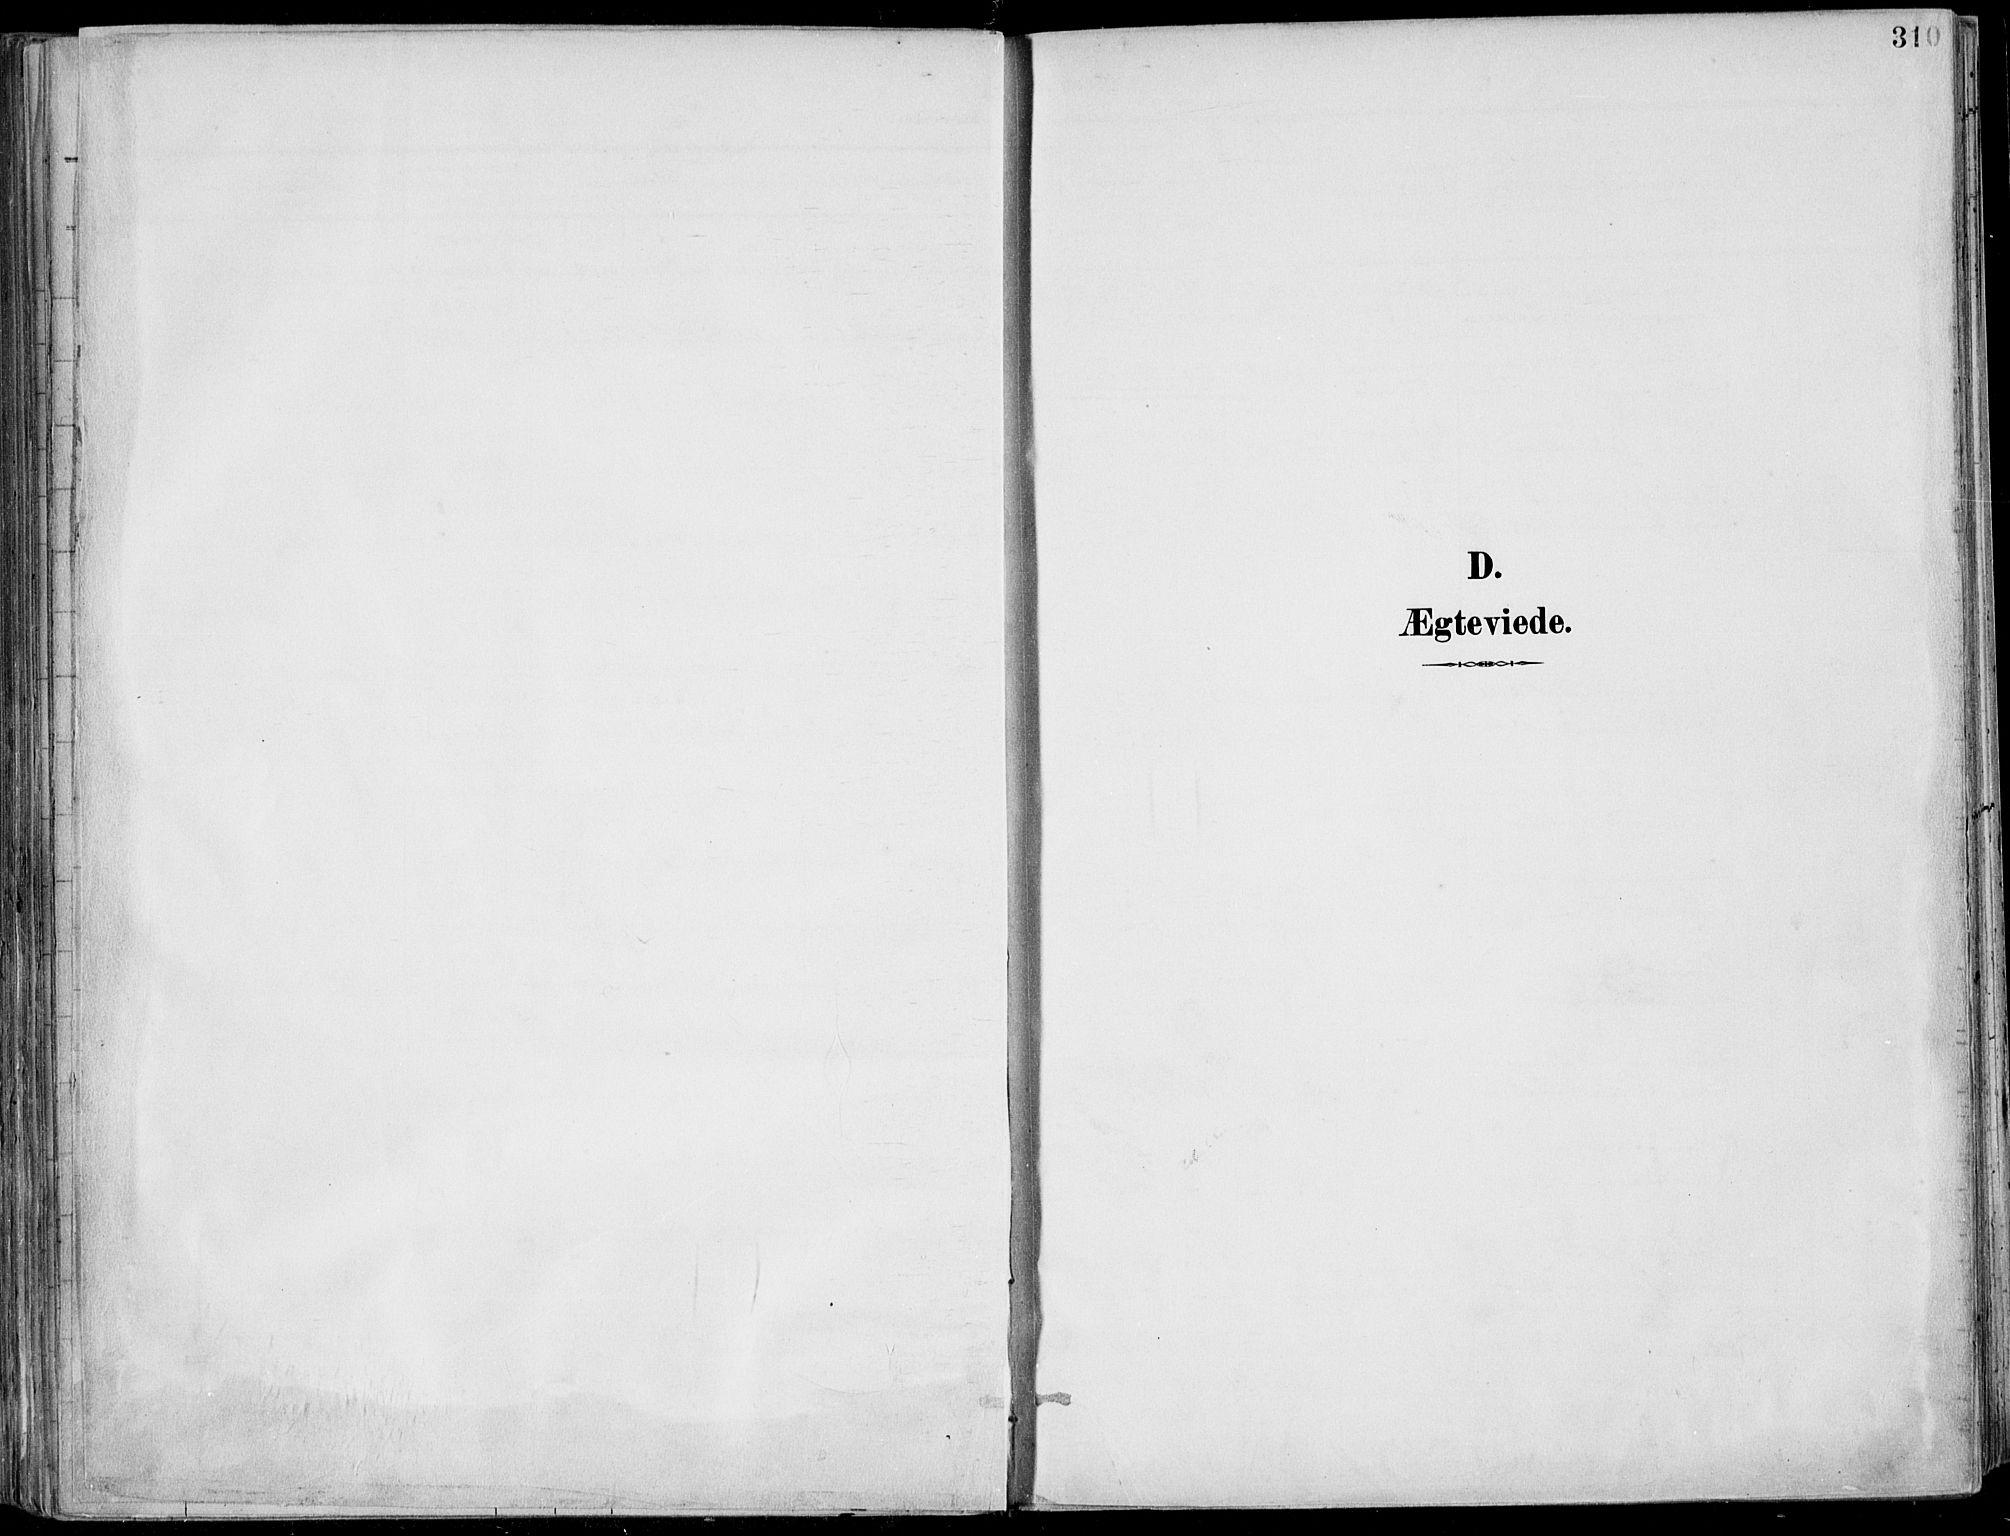 SAKO, Porsgrunn kirkebøker , F/Fa/L0011: Ministerialbok nr. 11, 1895-1919, s. 310